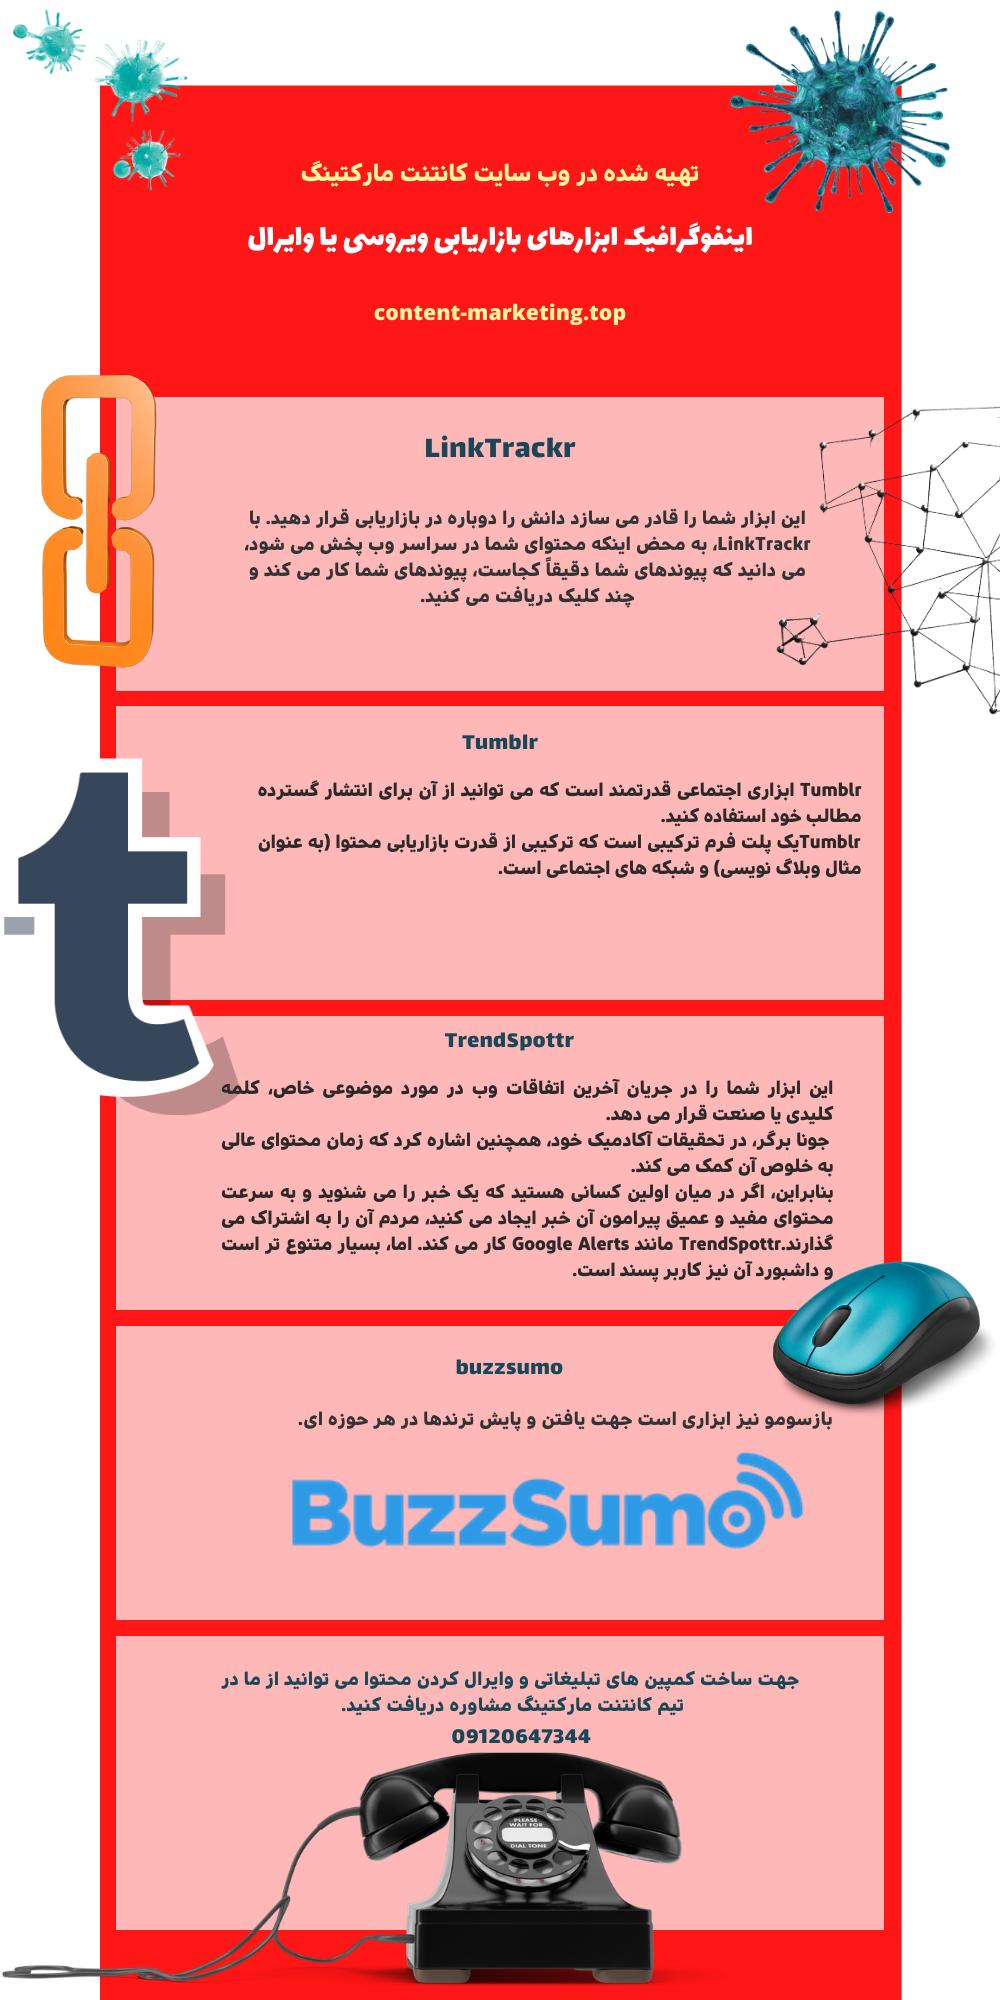 اینفوگرافیک ابزارهای بازاریابی ویروسی